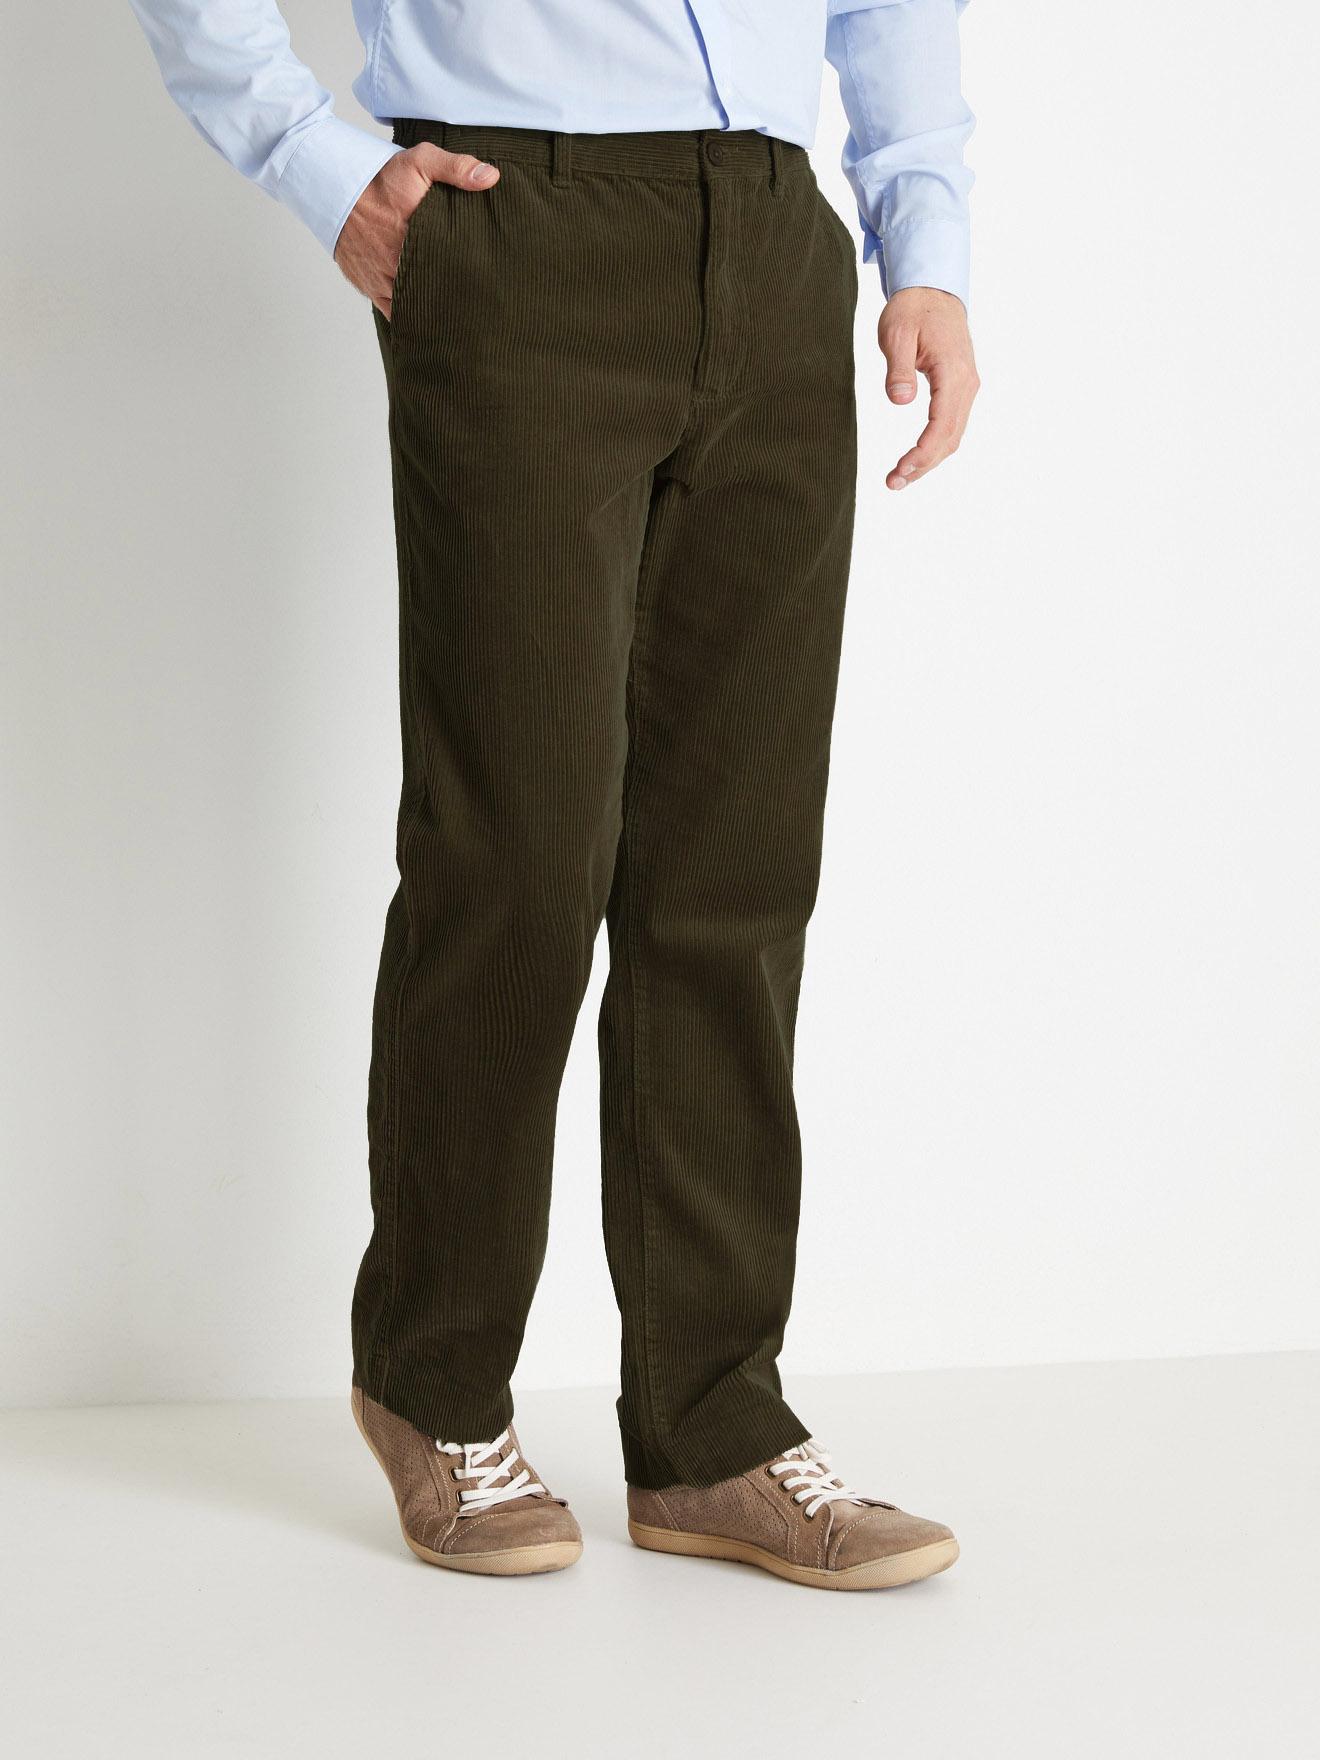 Pantalon droit en velours - Honcelac - Homme